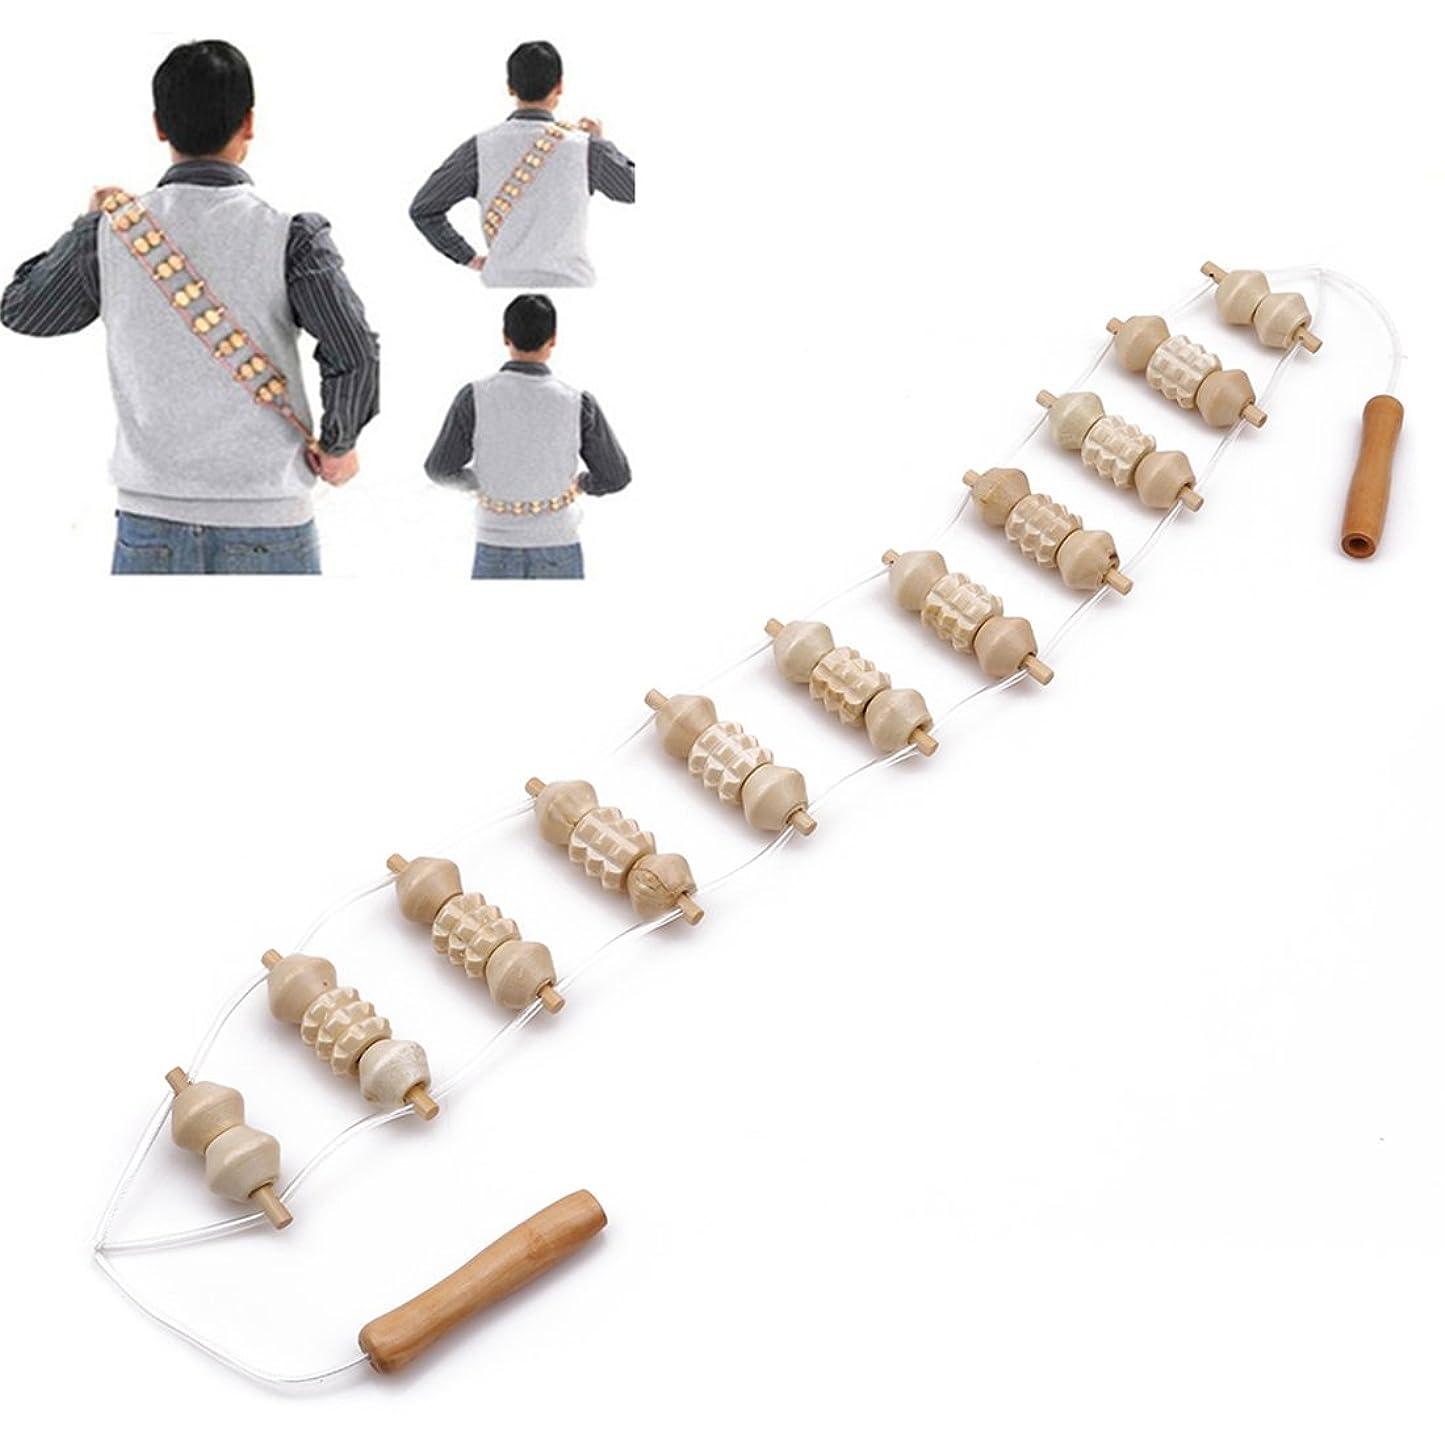 呼吸迫害輪郭KLUMA マッサージ 経絡マッサージャー ボディマッサージ 経絡疎通 筋肉痛改善 ストレス解消 血液循環を加速